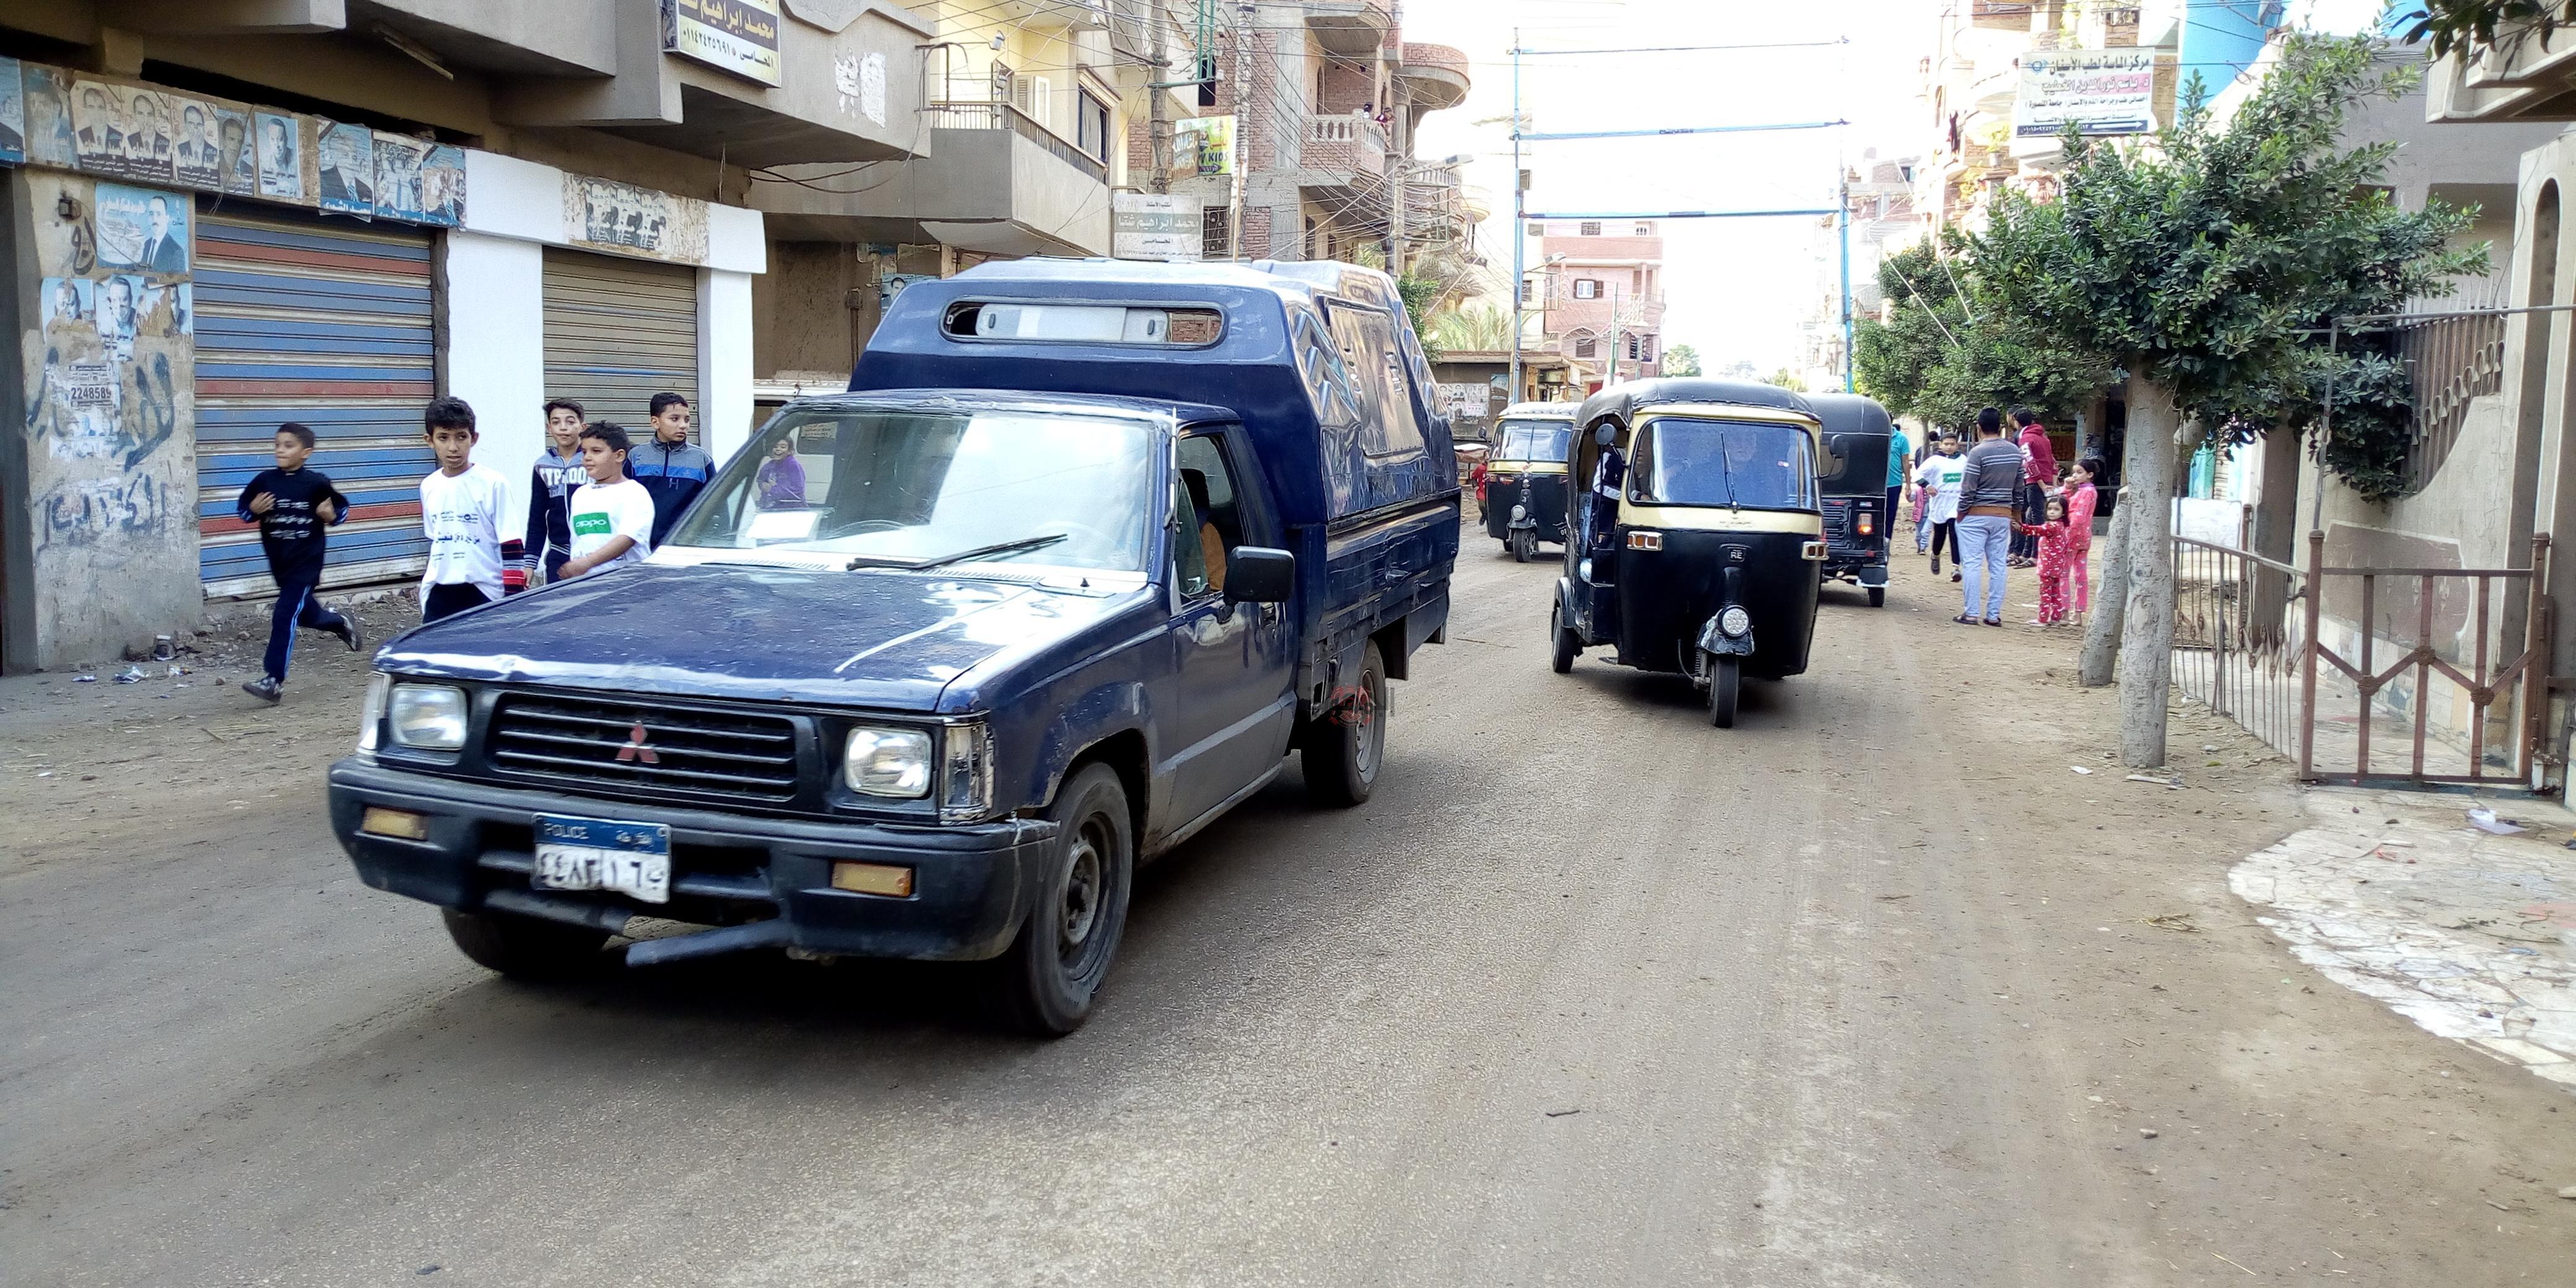 وفاة شرطى من قرية كفر قرطام داخل سيارة الشرطة بمركز السنطة بالغربية